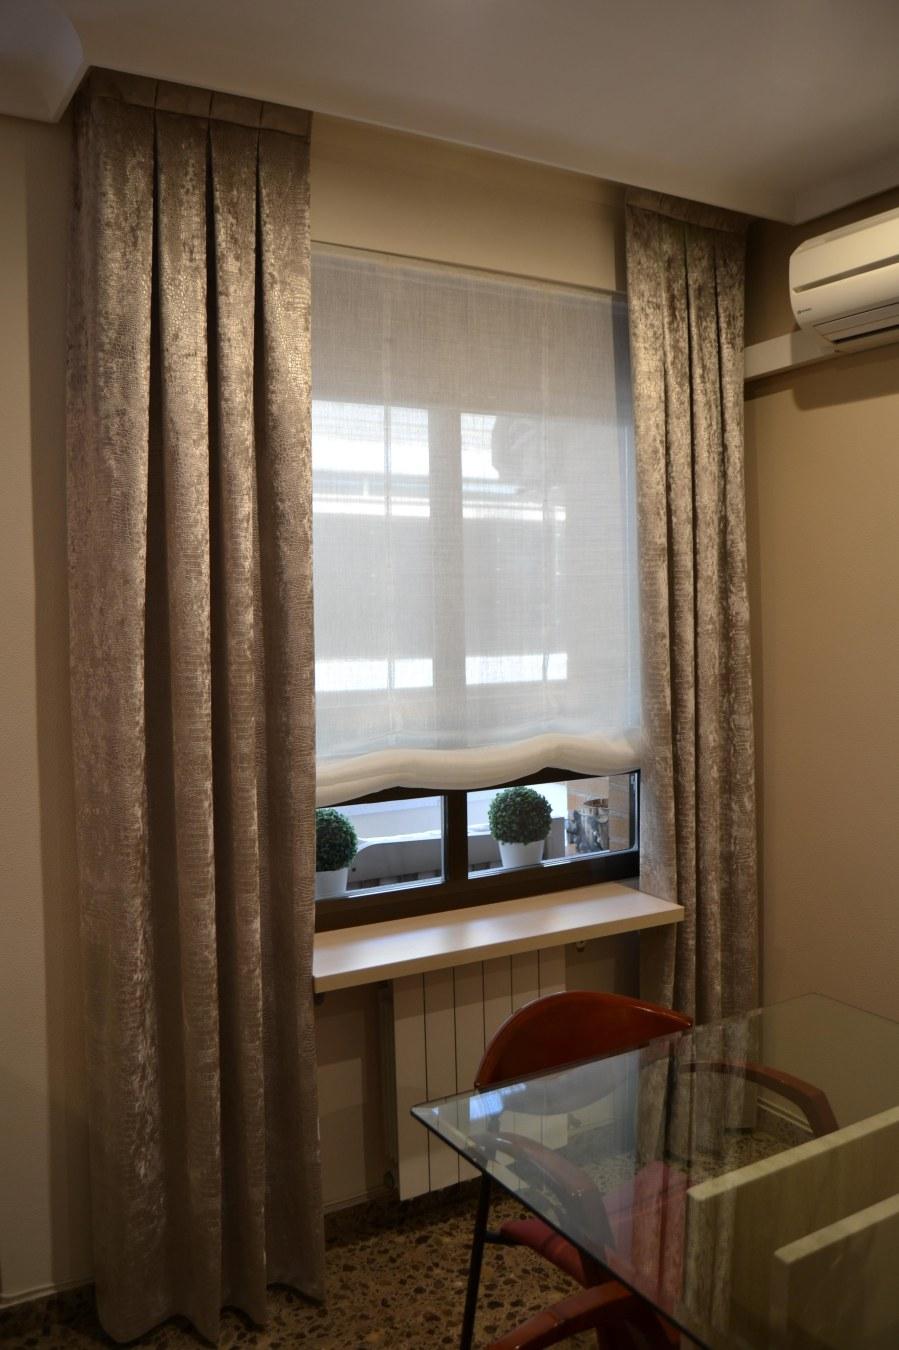 Estor y dobles cortinas - Villalba Interiorismo (2)